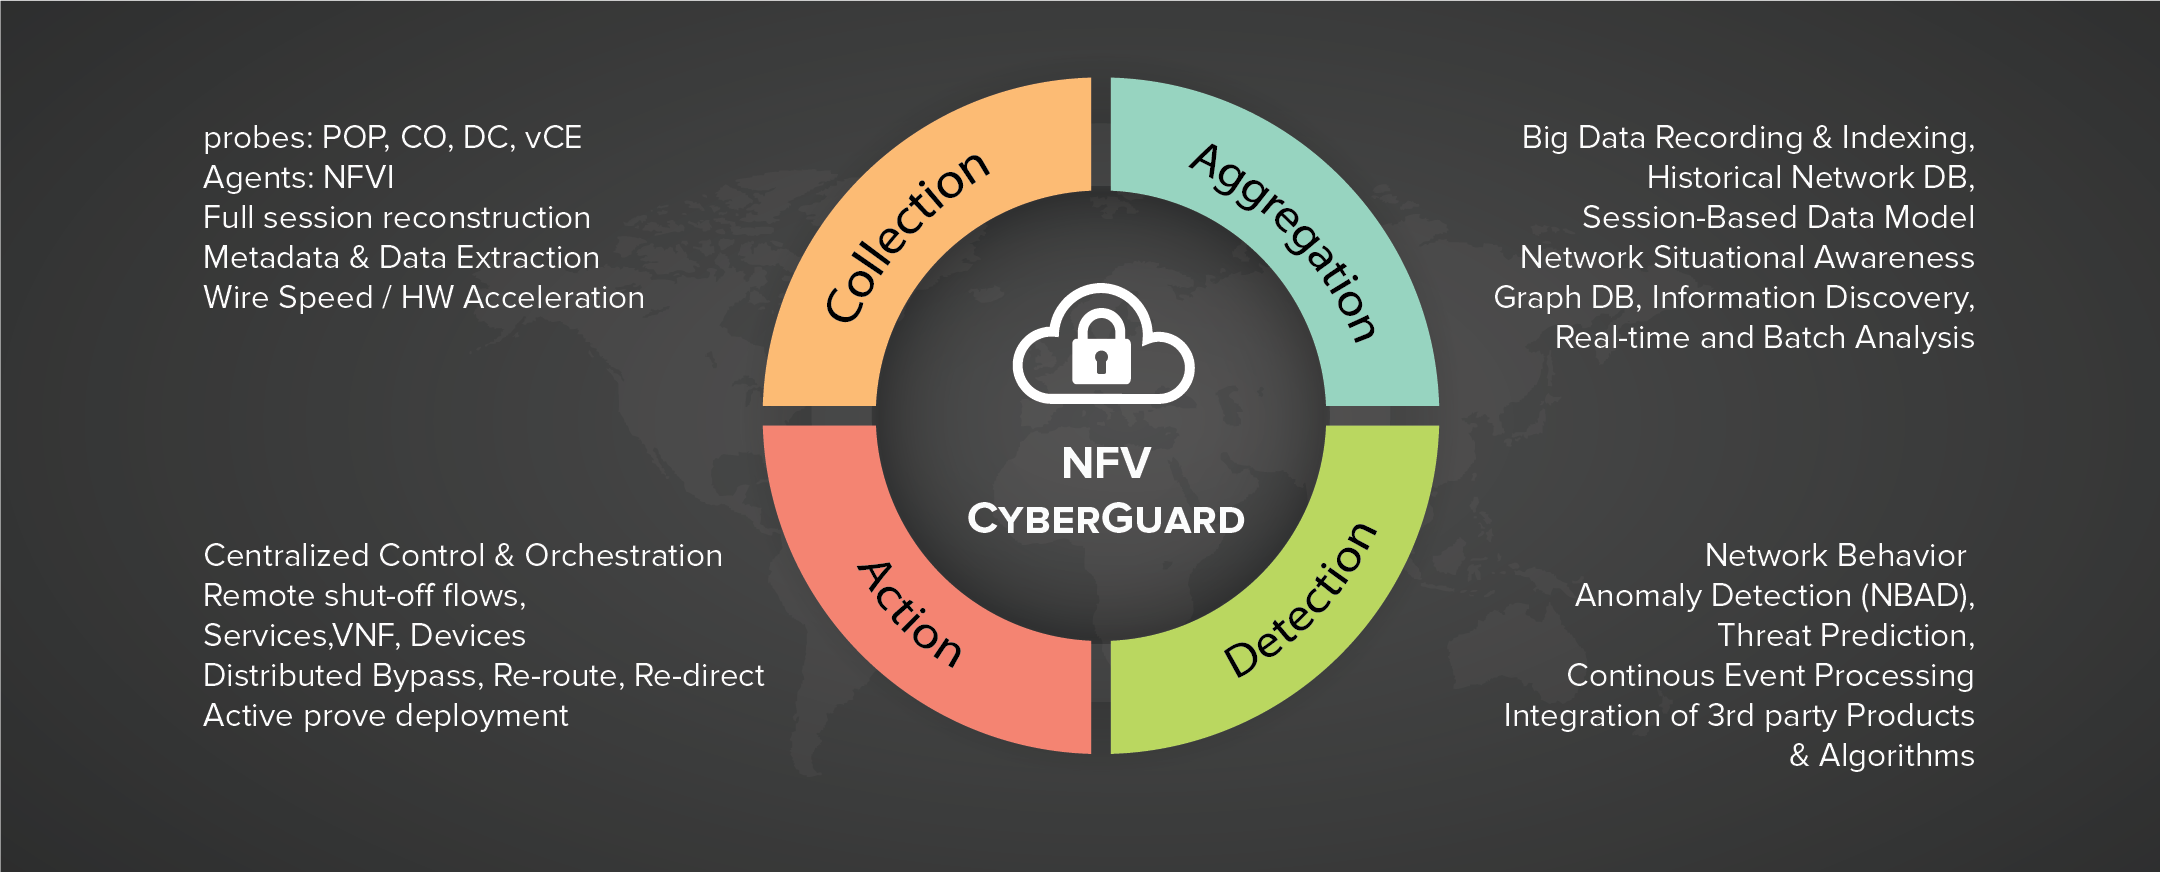 NFV CyberGuard